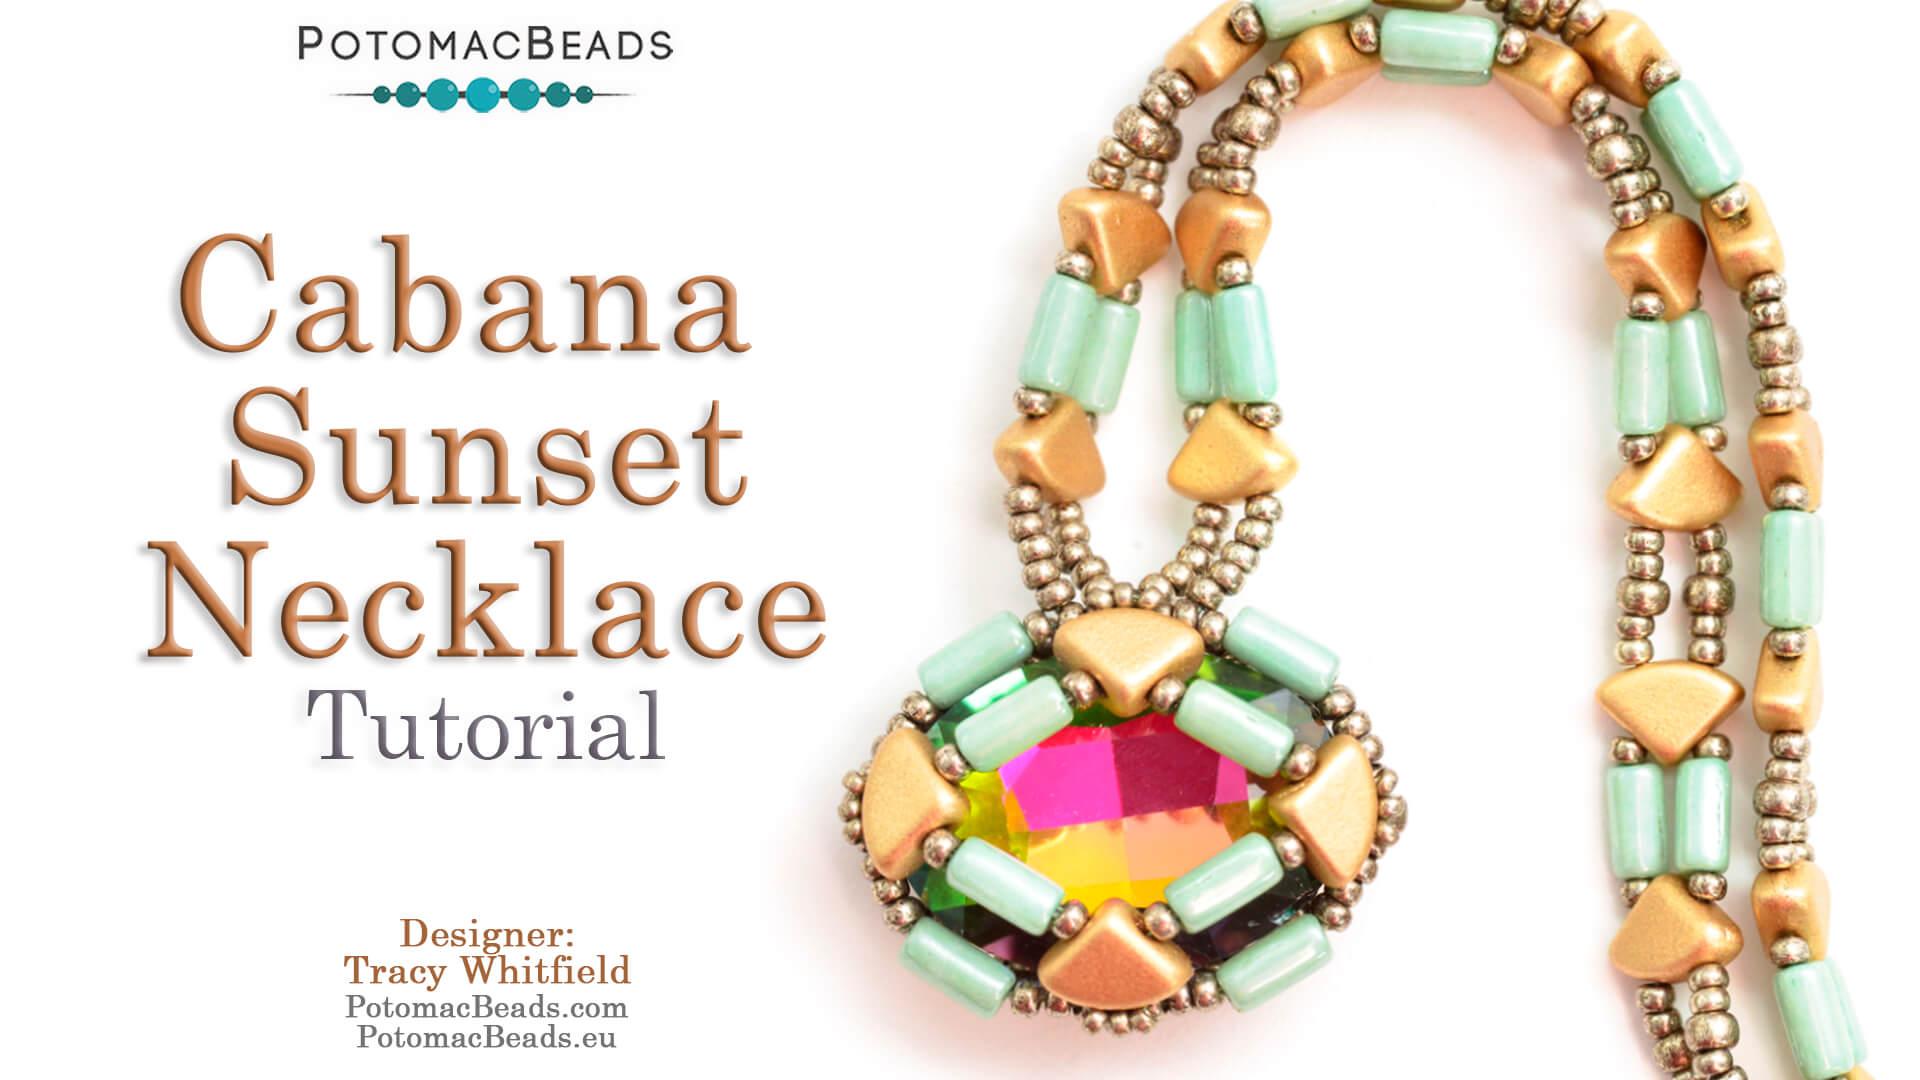 Cabana Sunset Necklace Tutorial